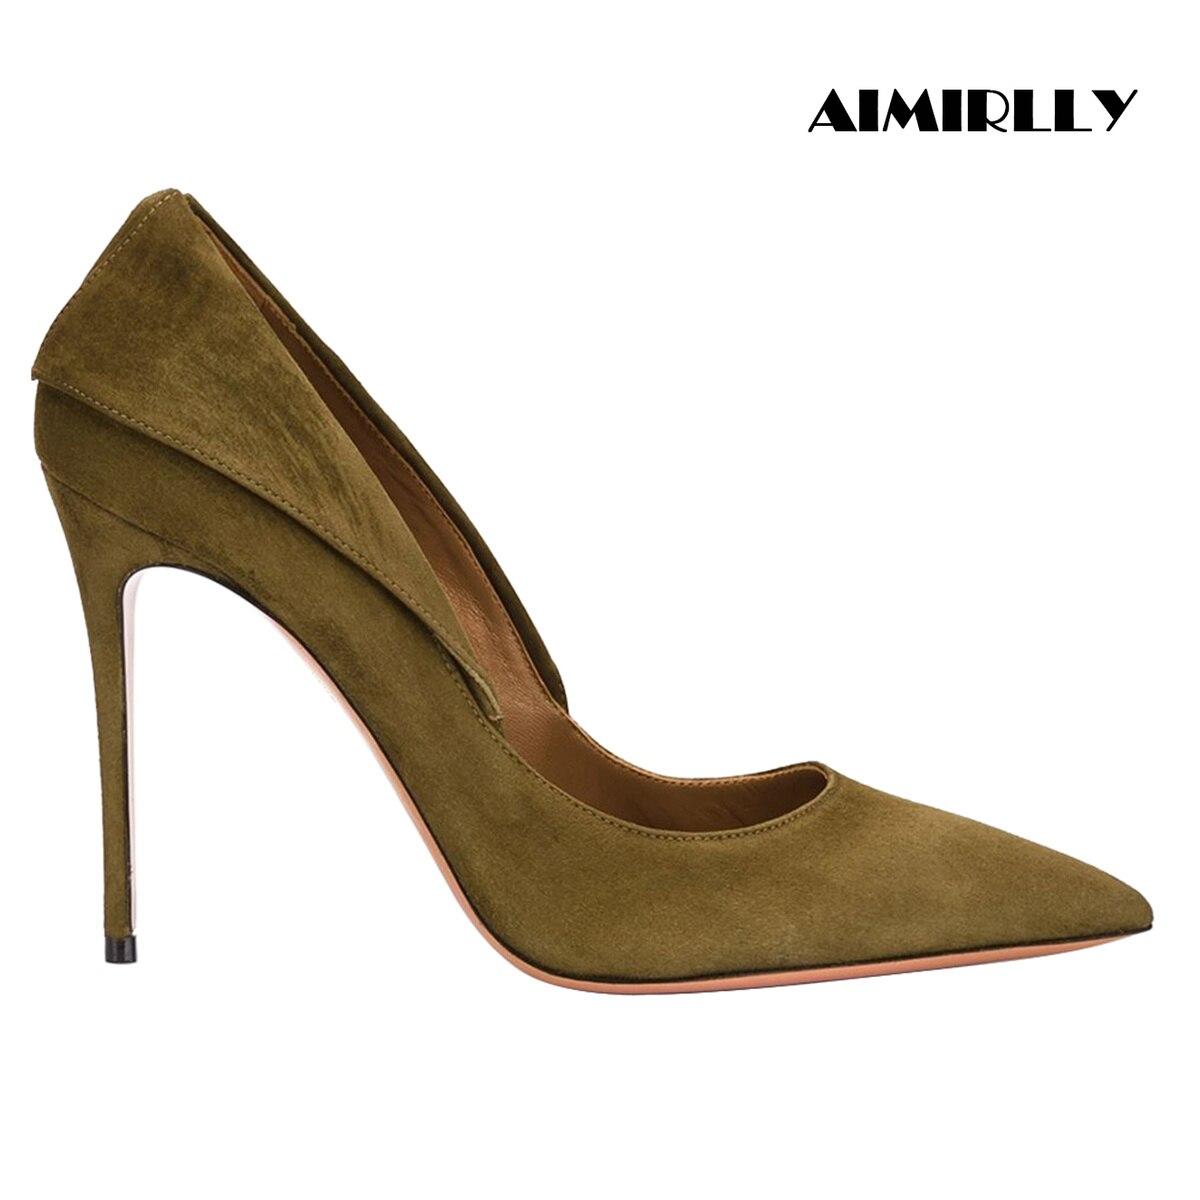 รองเท้าผู้หญิงรองเท้าส้นสูงปั๊มชี้ Toe อย่างเป็นทางการ Evening Party รองเท้าทำงาน & อาชีพ Turn down Collar รองเท้าส้นสูง faux Suede-ใน รองเท้าส้นสูงสตรี จาก รองเท้า บน AliExpress - 11.11_สิบเอ็ด สิบเอ็ดวันคนโสด 1